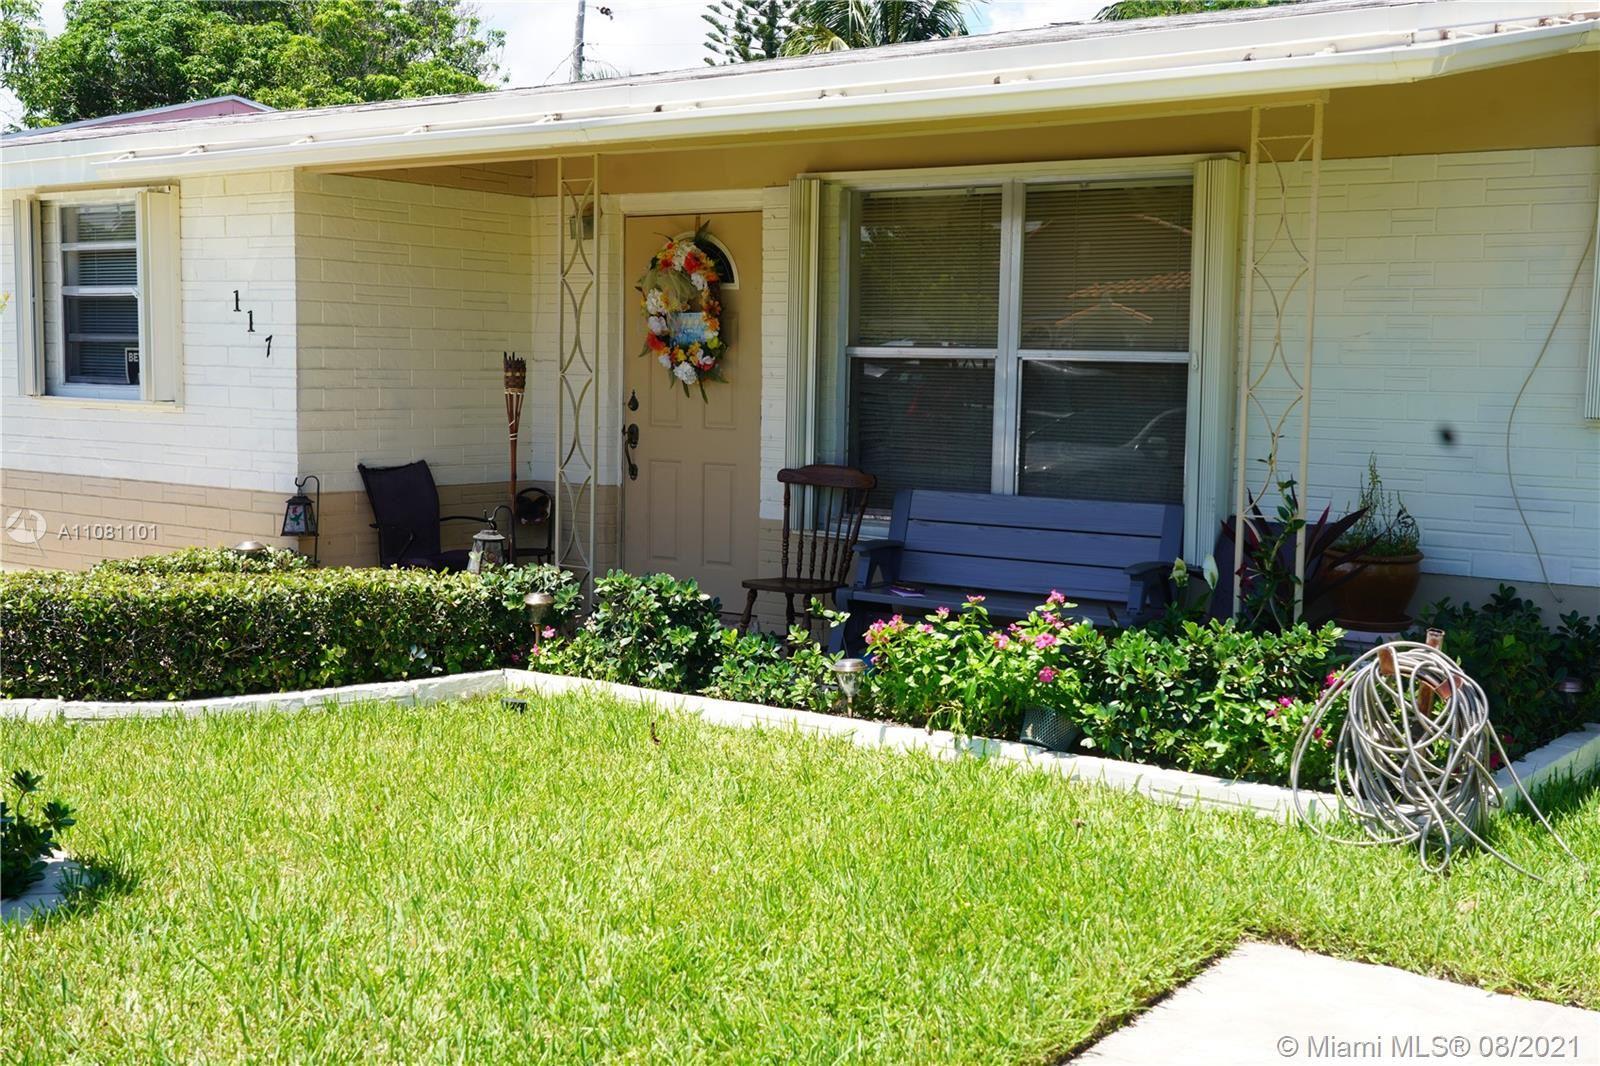 117 NW 4th Ave, Boynton Beach, FL 33435 - #: A11081101